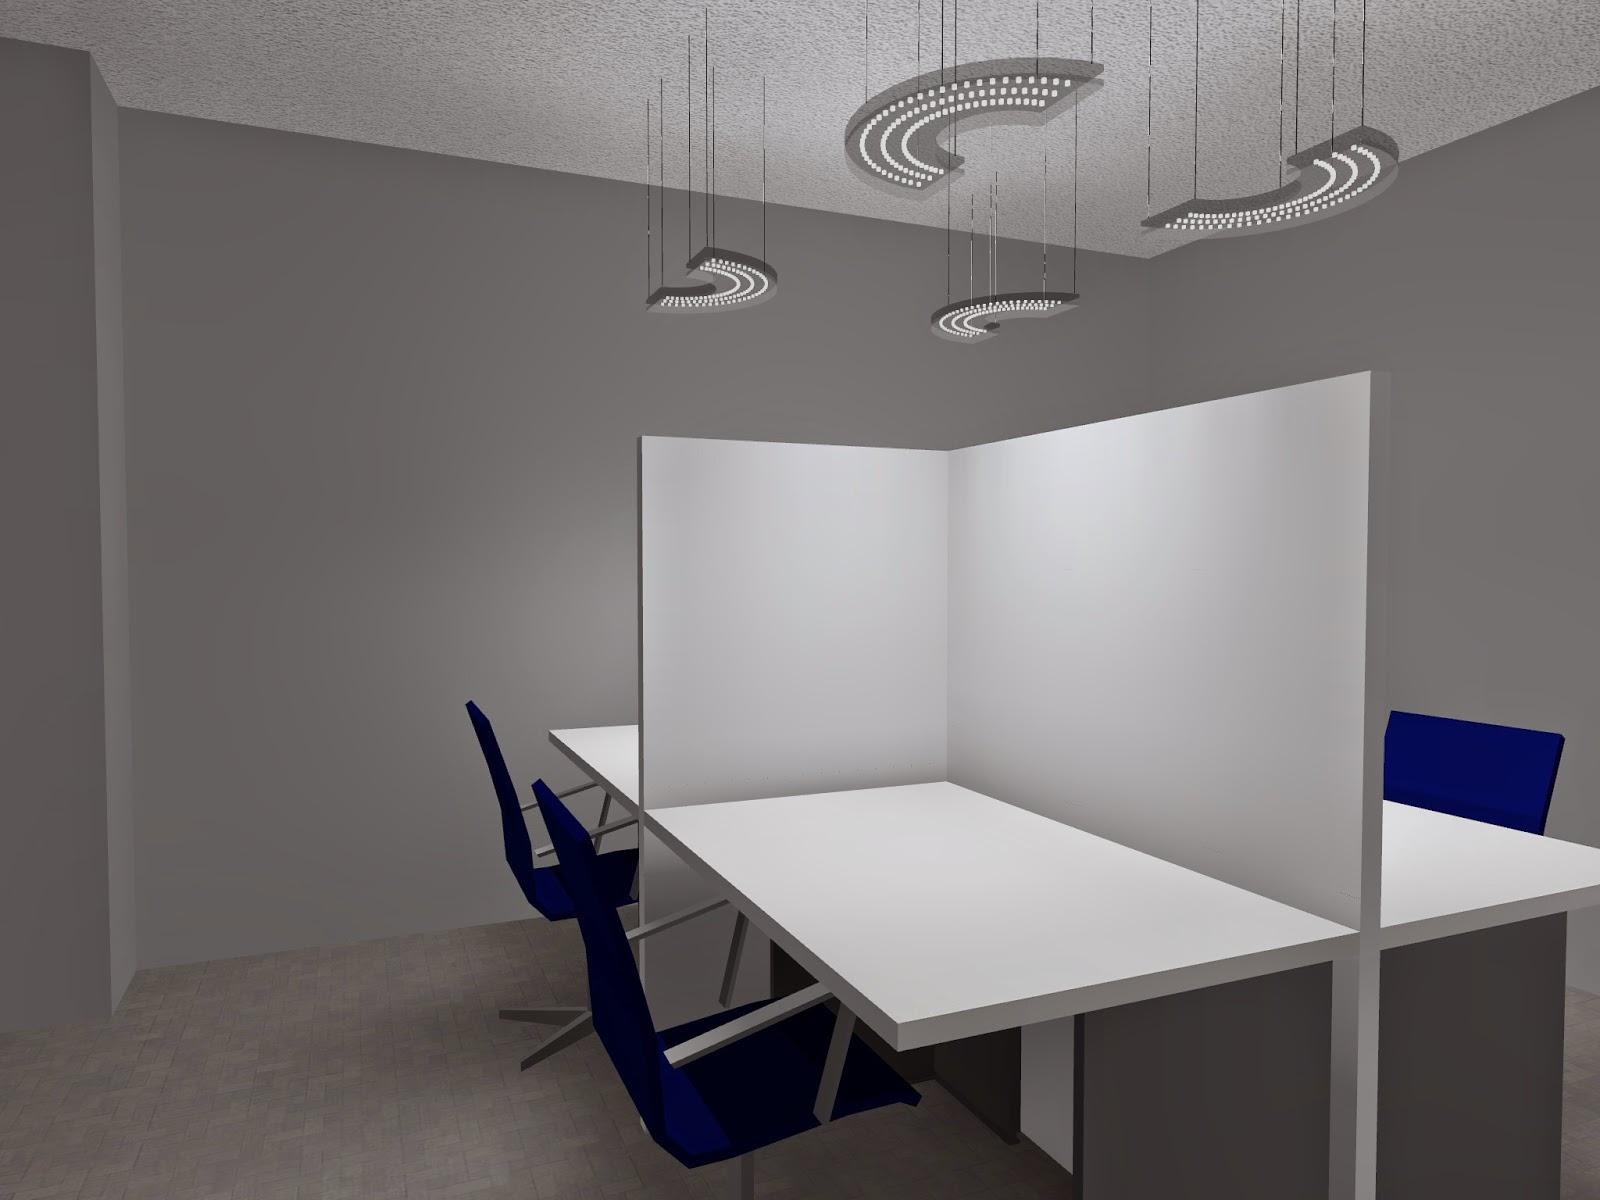 Illuminazione faretti led ispirazione di design interni - Illuminazione led soggiorno ...